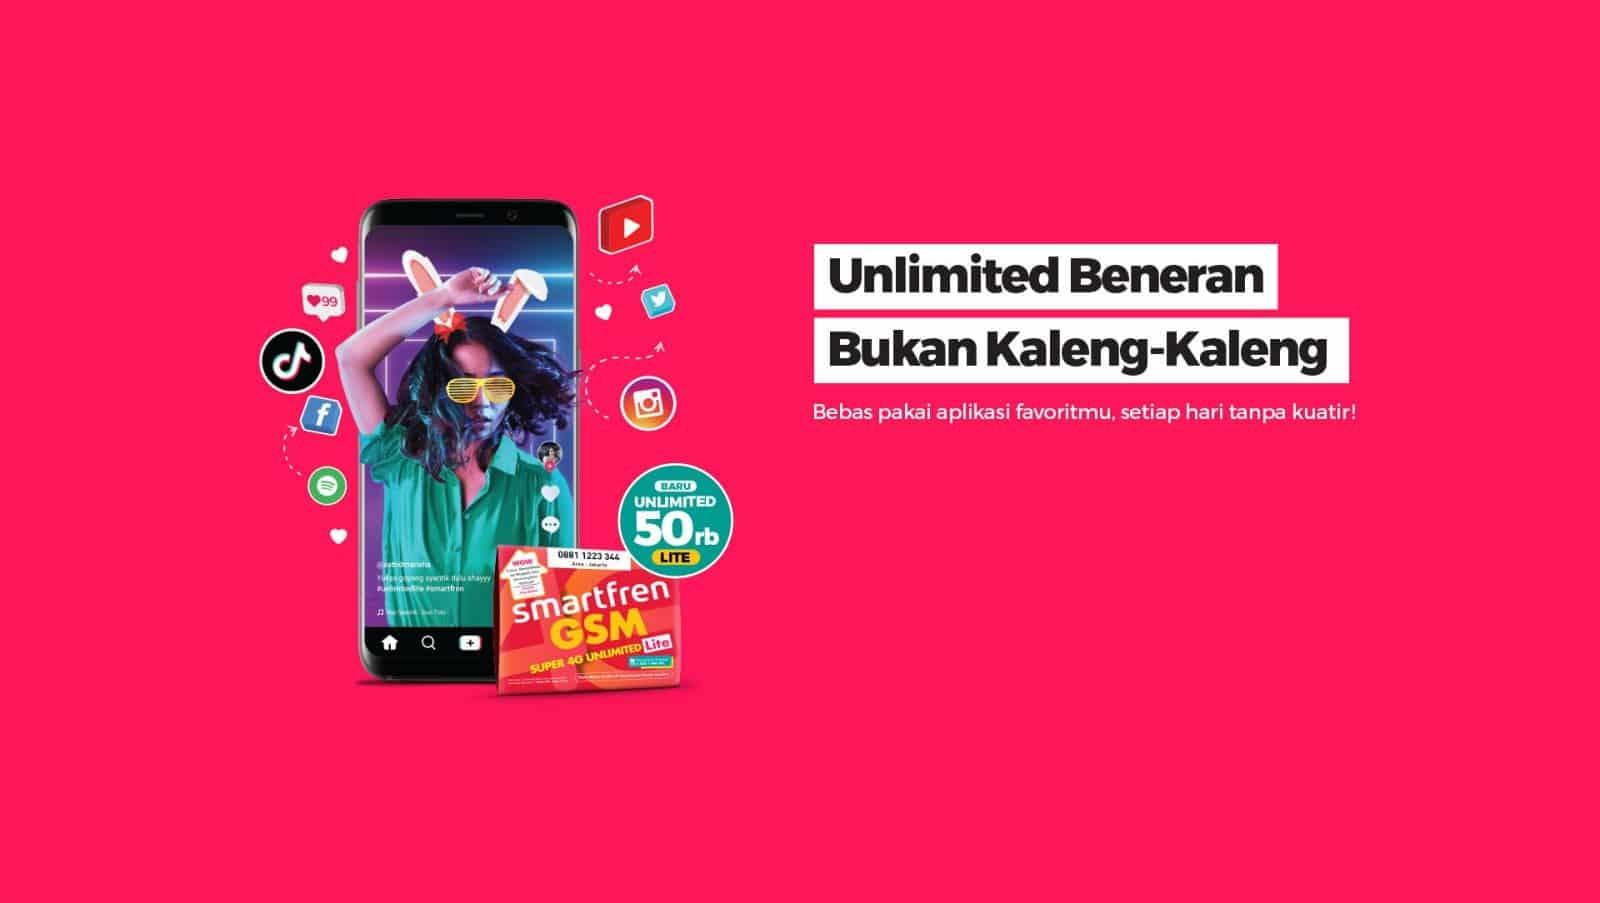 Kumpulan Daftar Harga Paket Internet Smartfren Unlimited GSM MIFI 4G